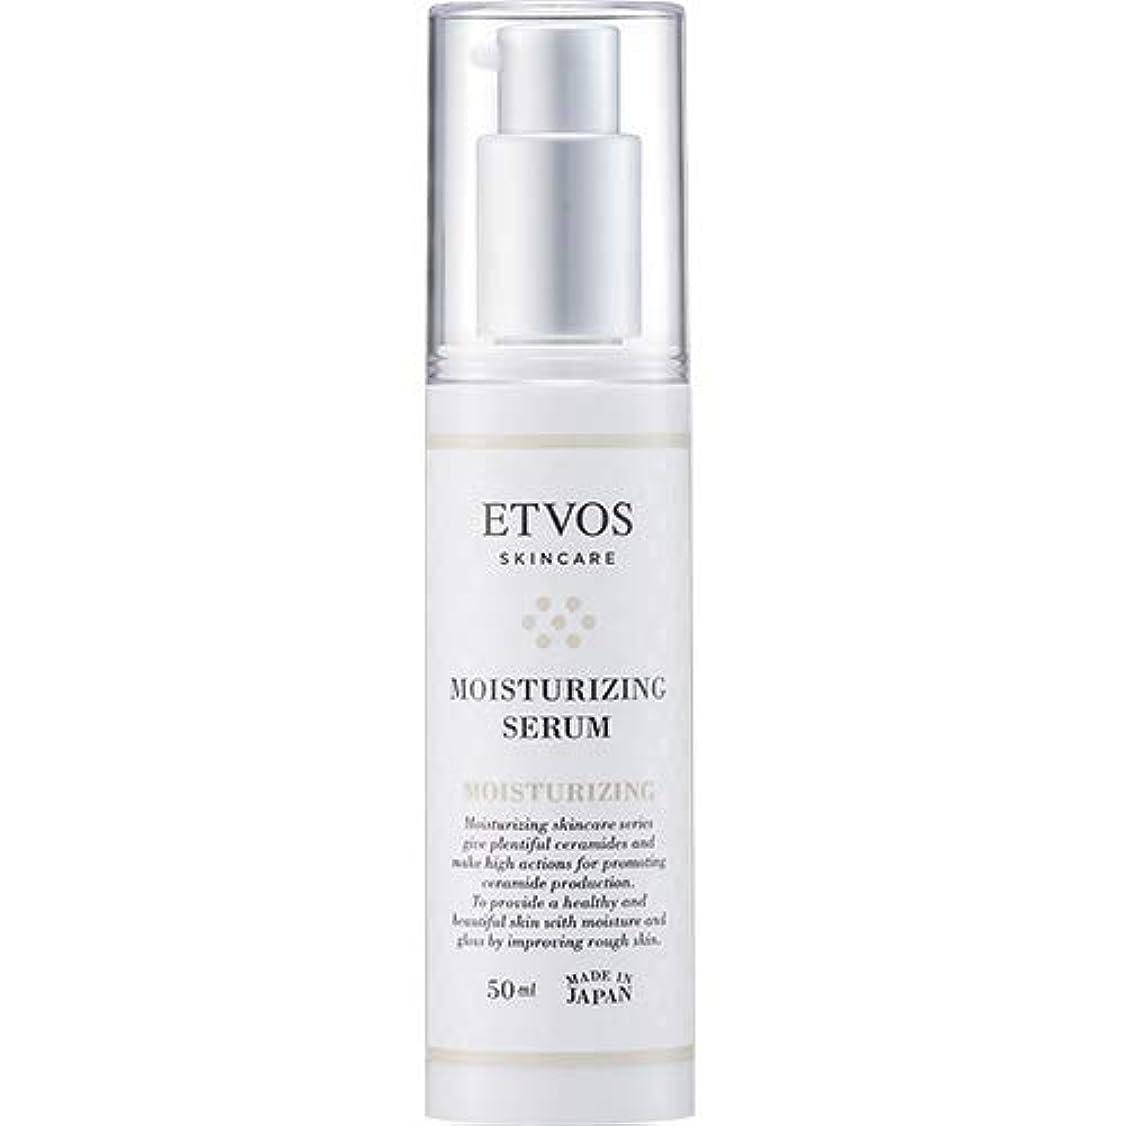 常習的ホバーアイデアETVOS(エトヴォス) 保湿美容液 モイスチャライジングセラム 50ml ヒト型セラミド配合 乾燥肌/敏感肌 乳液